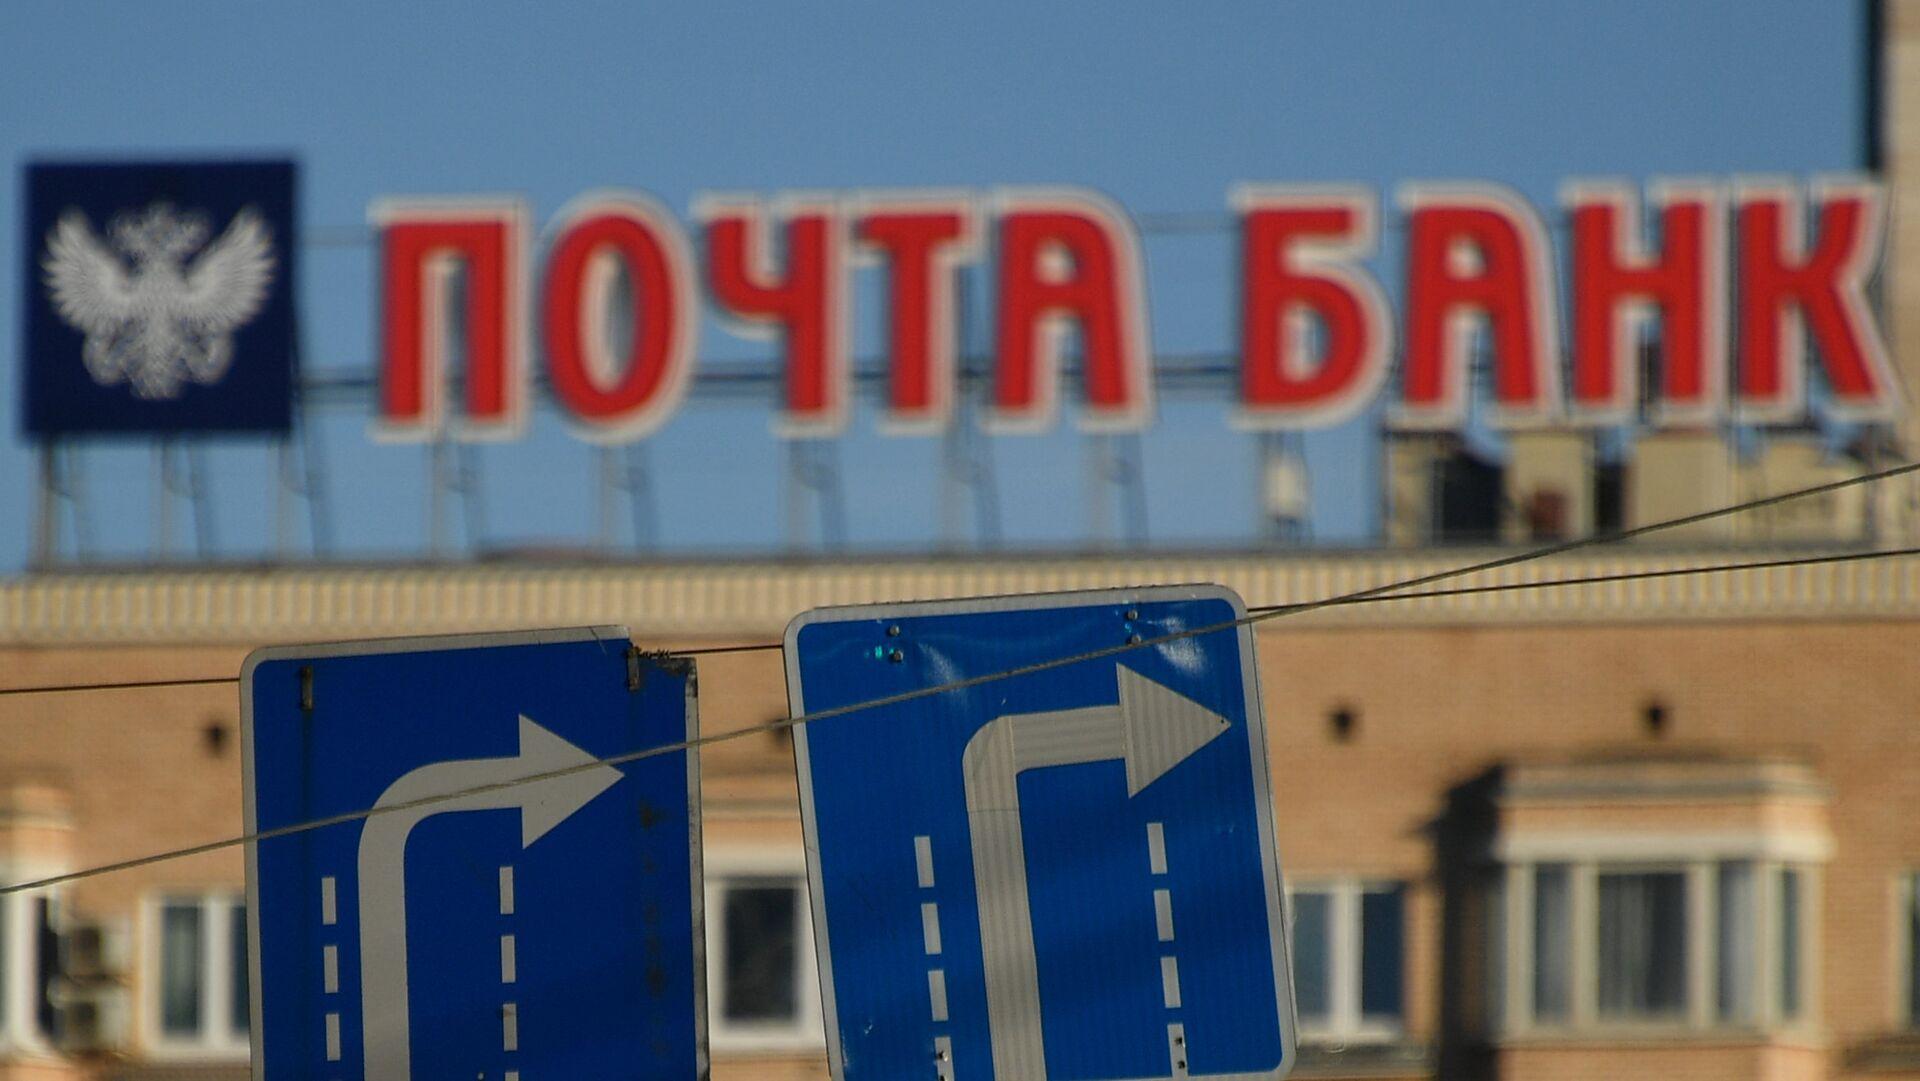 Дорожный знак Движение направо на улице в Москве - РИА Новости, 1920, 18.05.2021